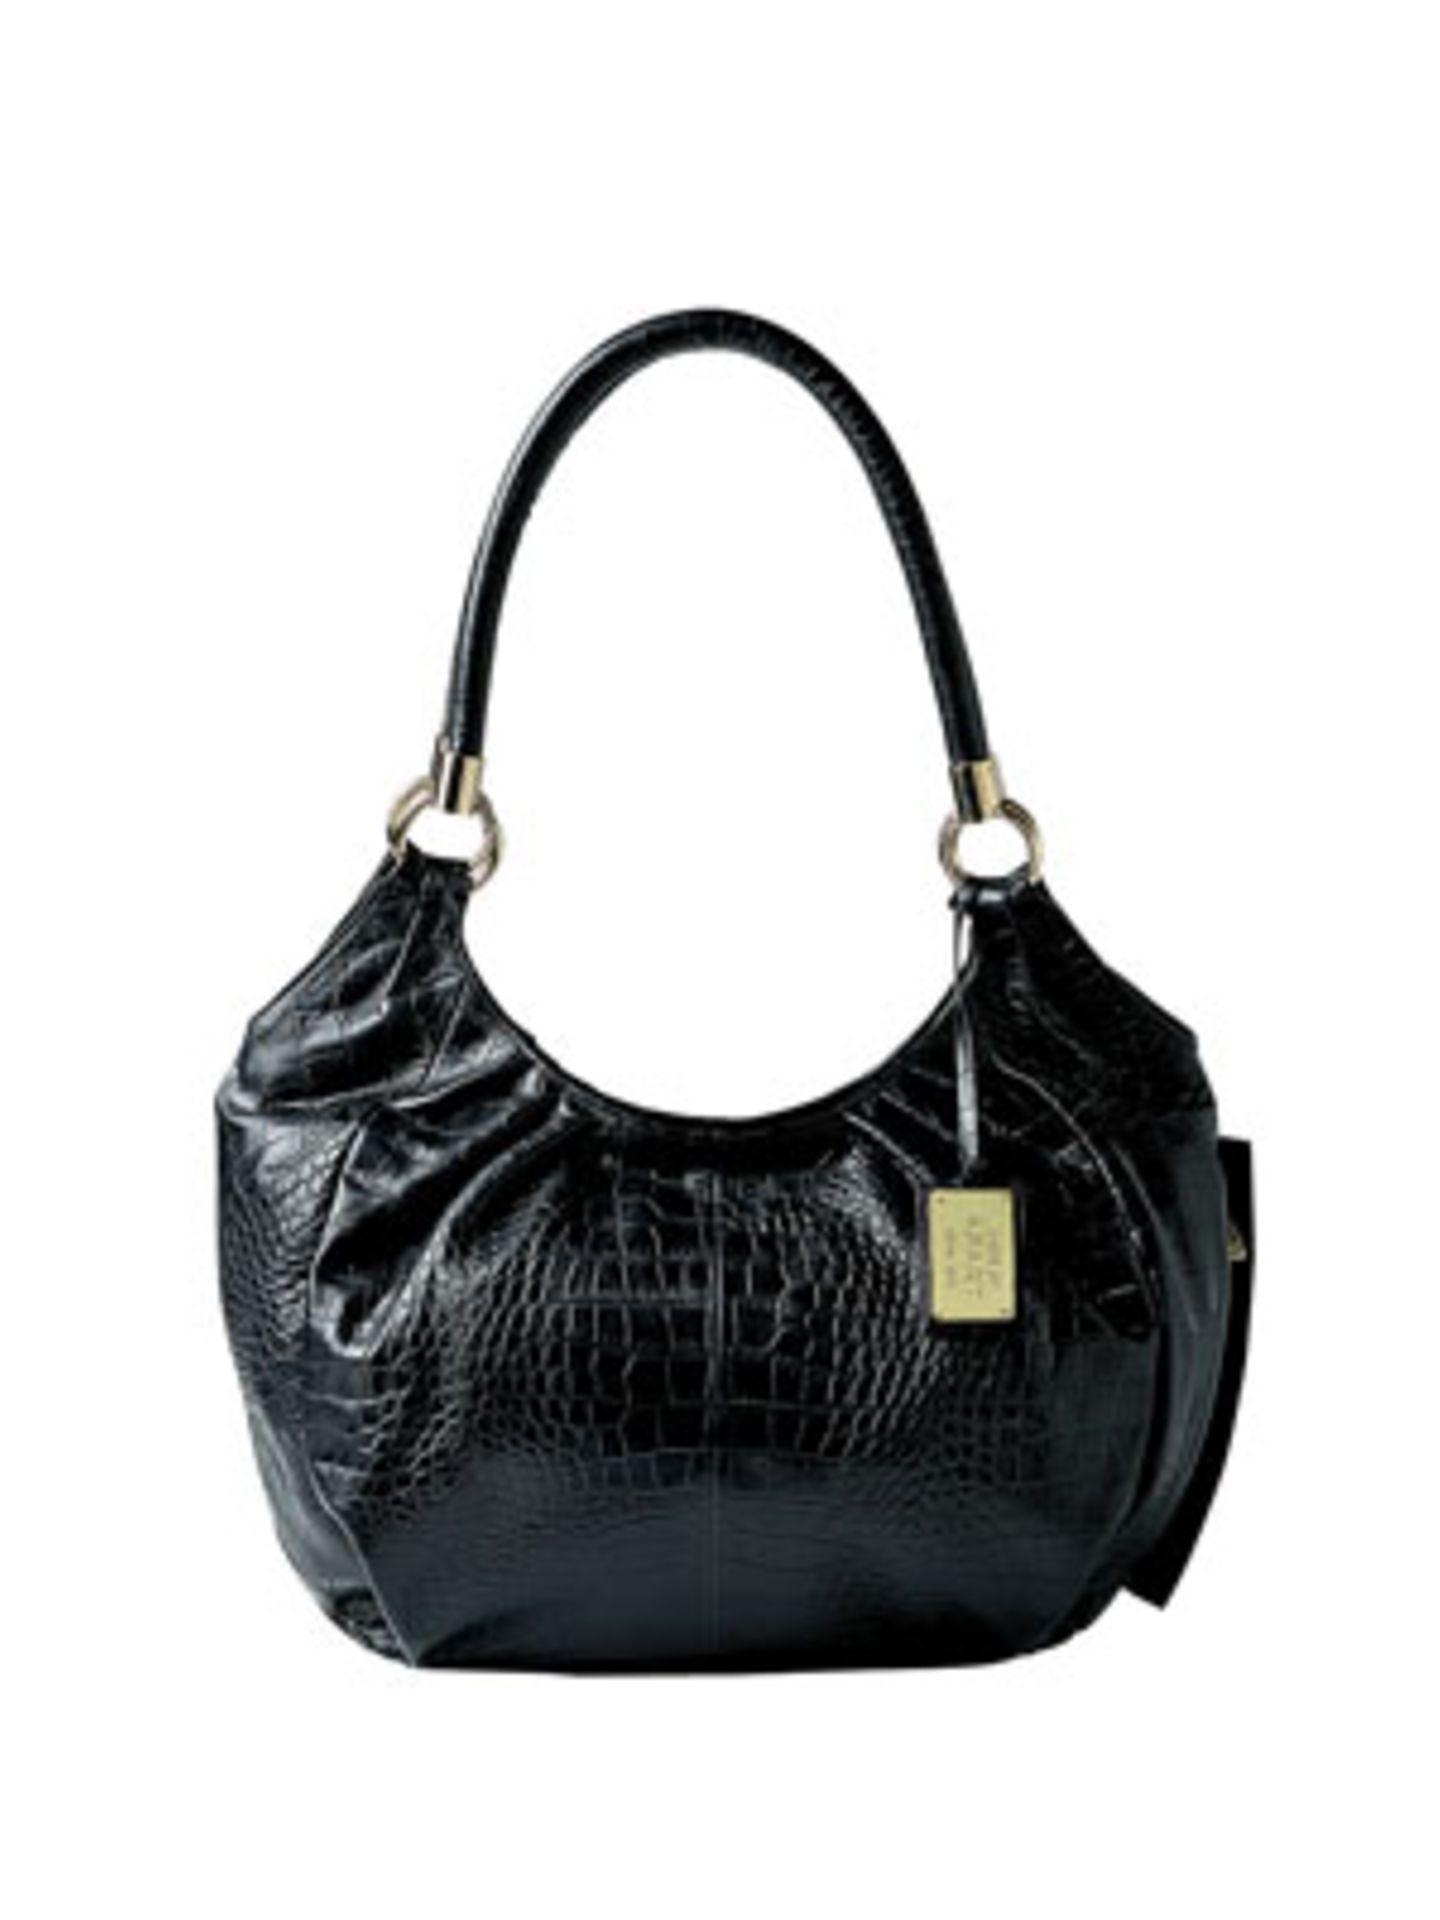 Geräumige XXL-Tasche im schwarzen Glanz-Kroko-Look von Apart, um 150 Euro. Über www.apart-accessoires.de.